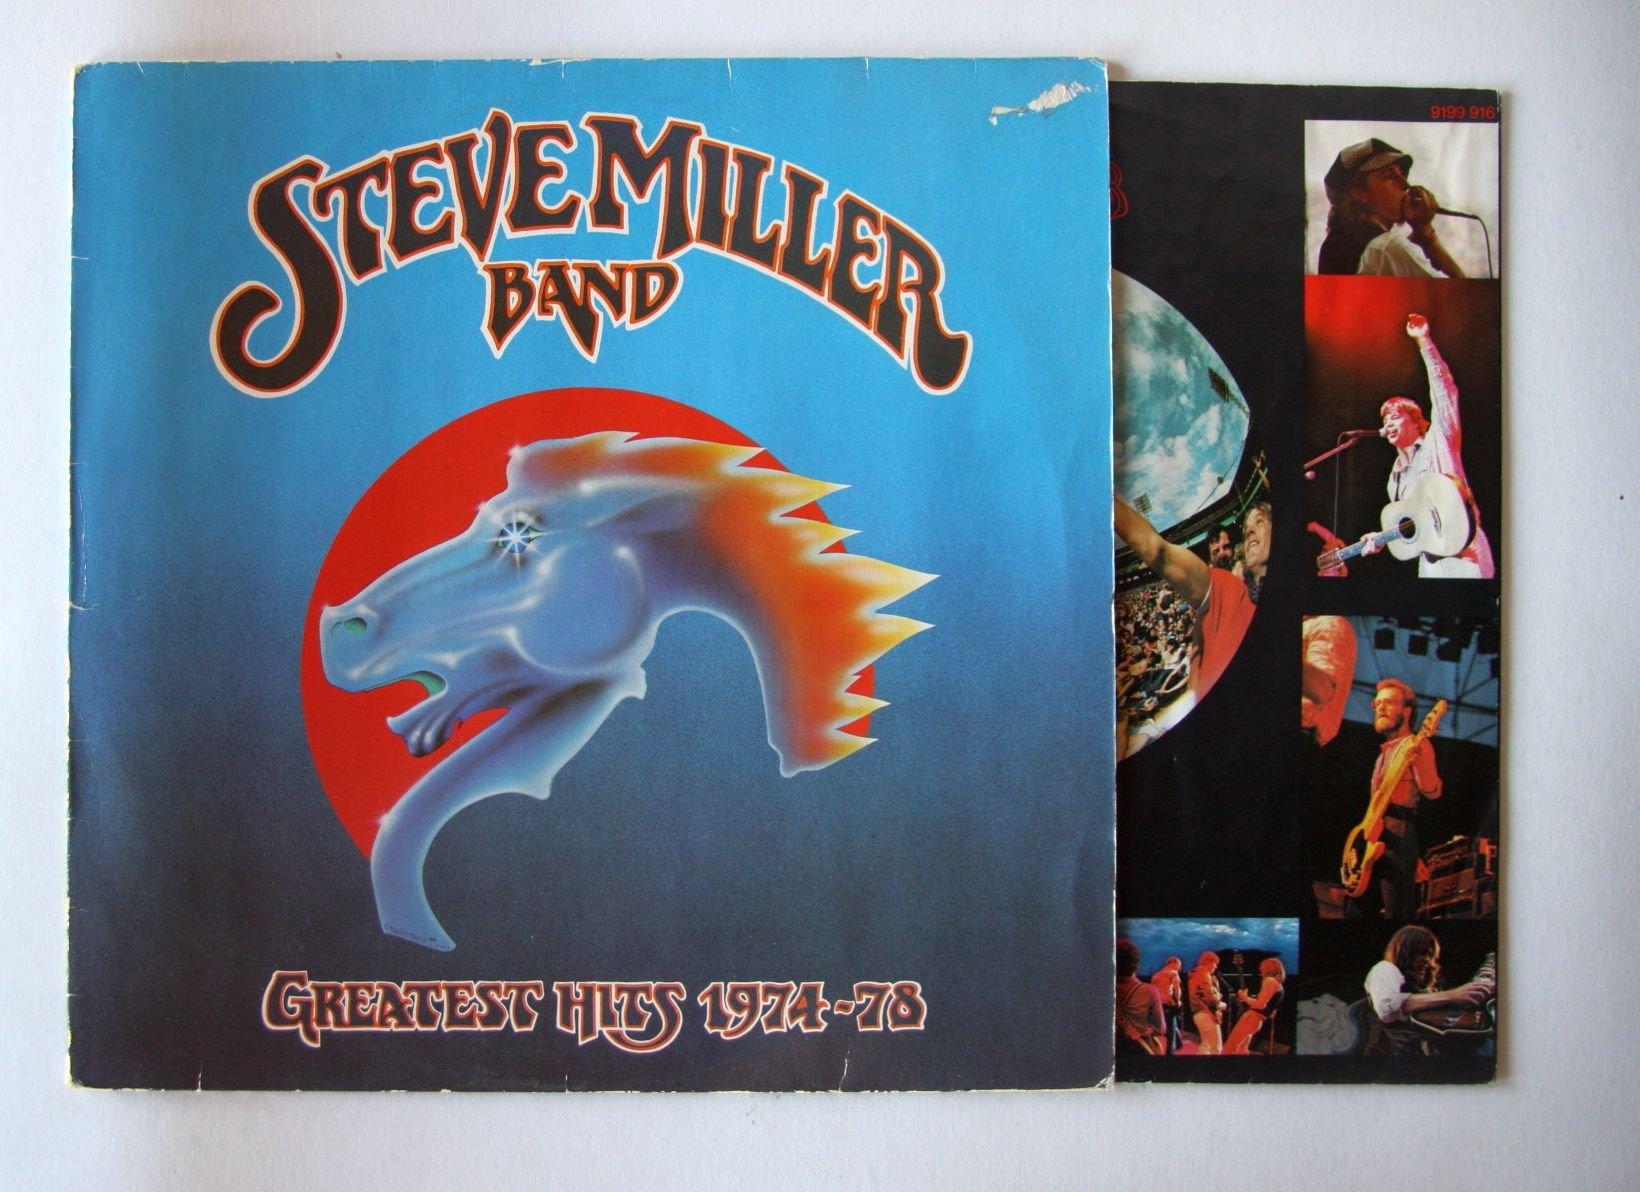 Greatest Hits 1974-78 - Steve Miller